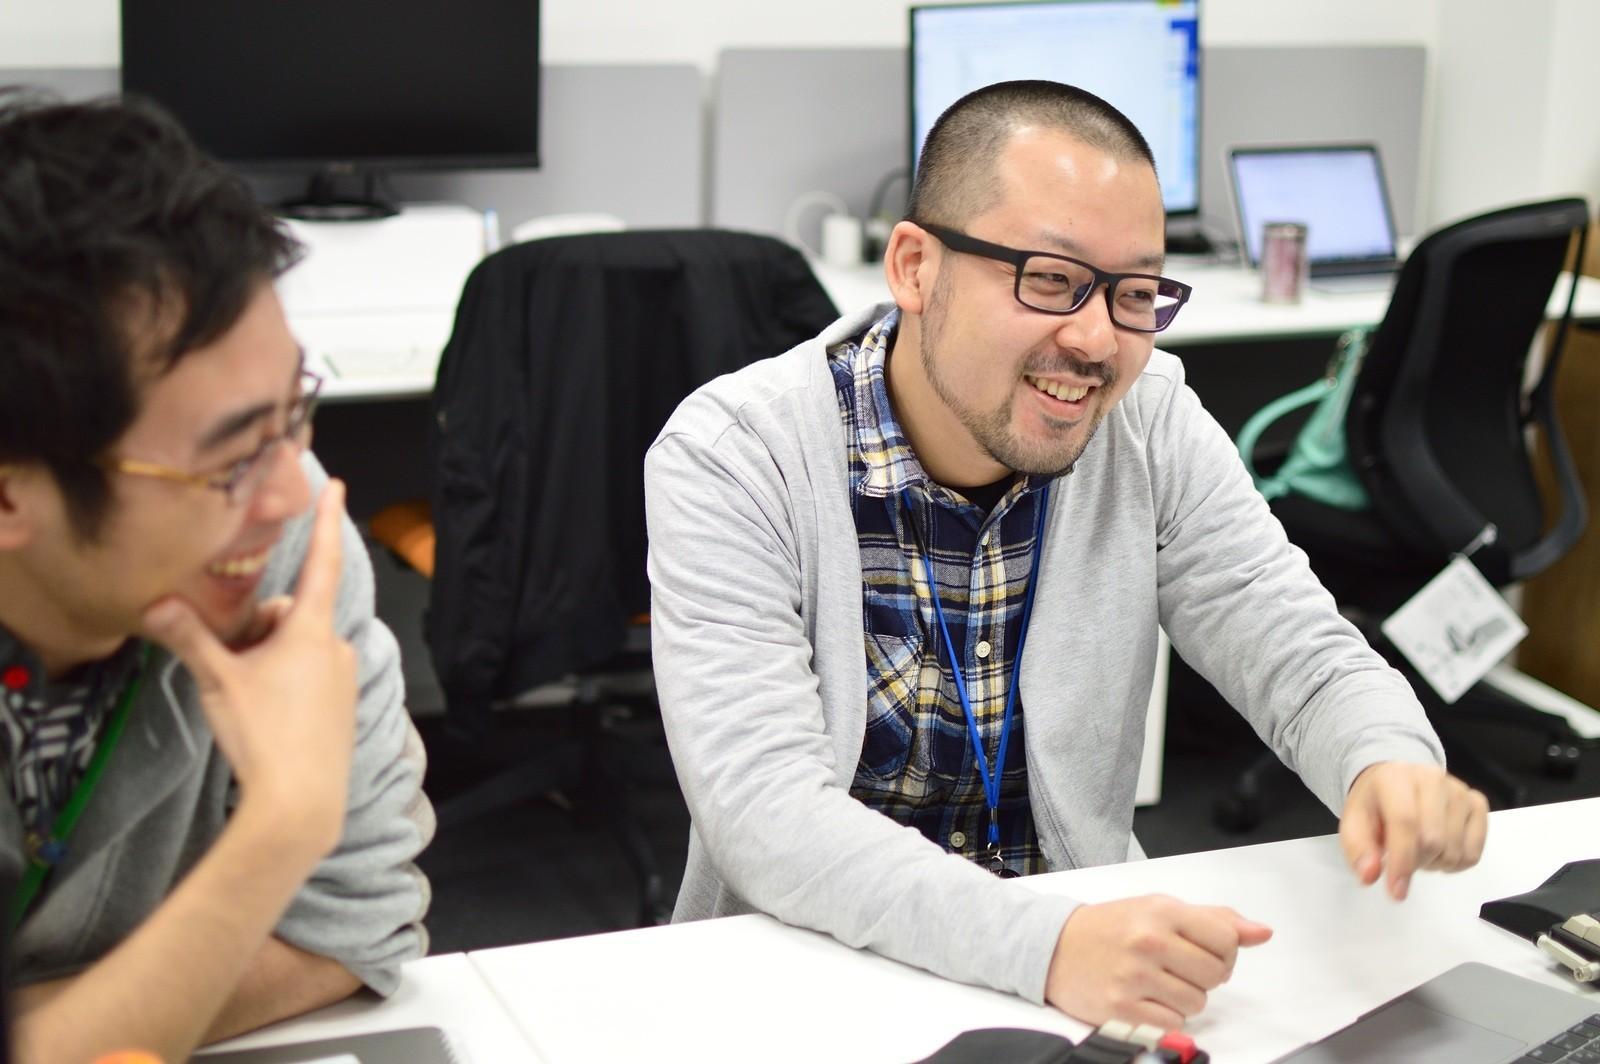 【QA-SET/テスト自動化エンジニア】「働き方改革」の先を目指す次期サービスの品質を創る Software Engineer in Test を募集!